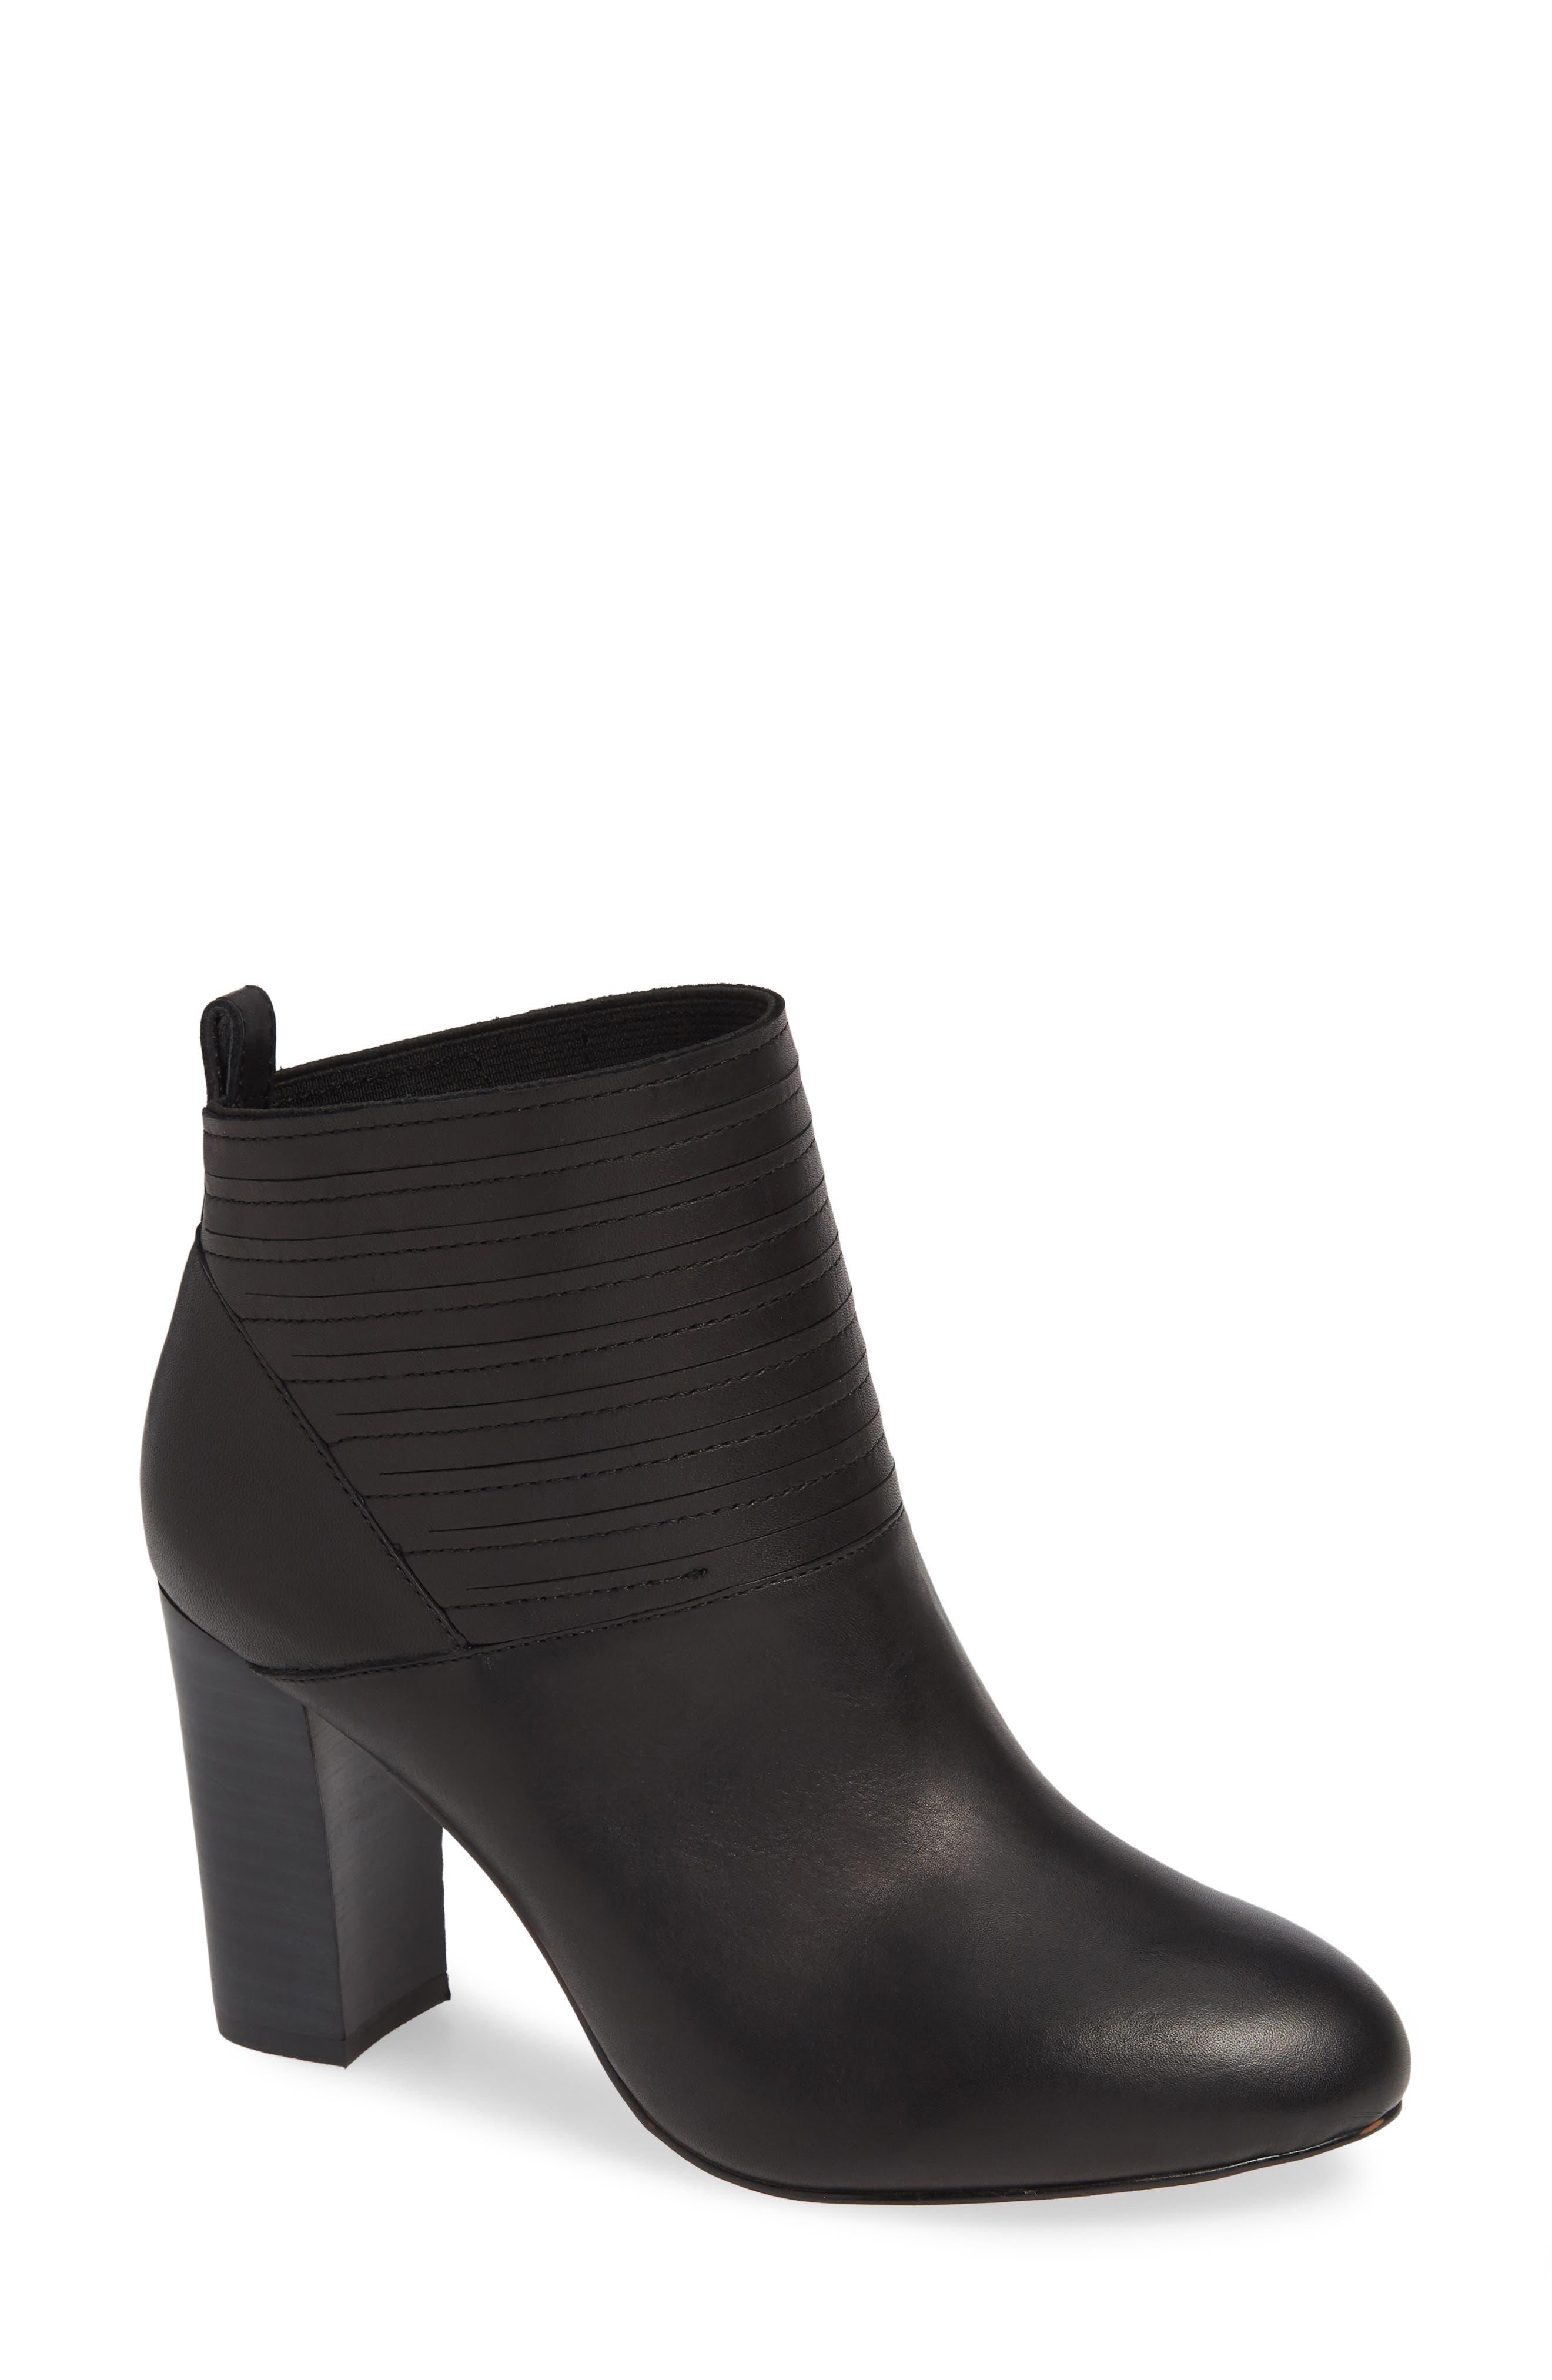 M4D3 Salama Block Heel Bootie- Black